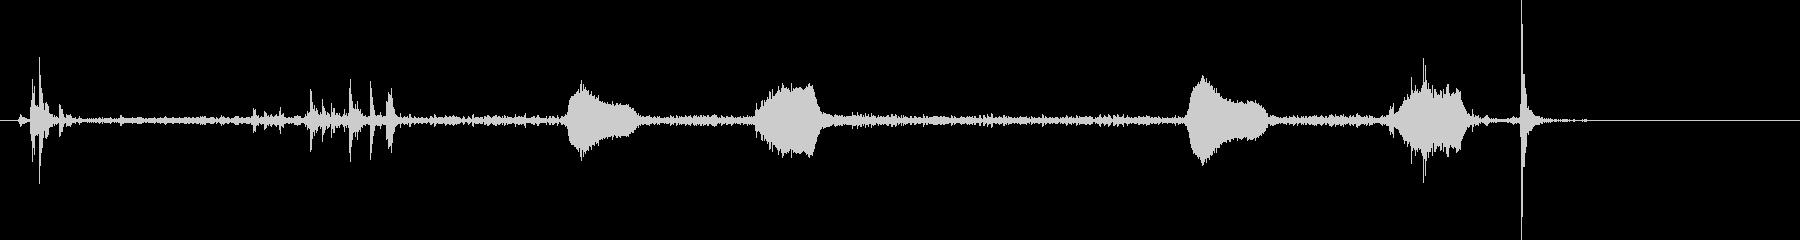 鳩時計1:ストライクツーオクロック...の未再生の波形